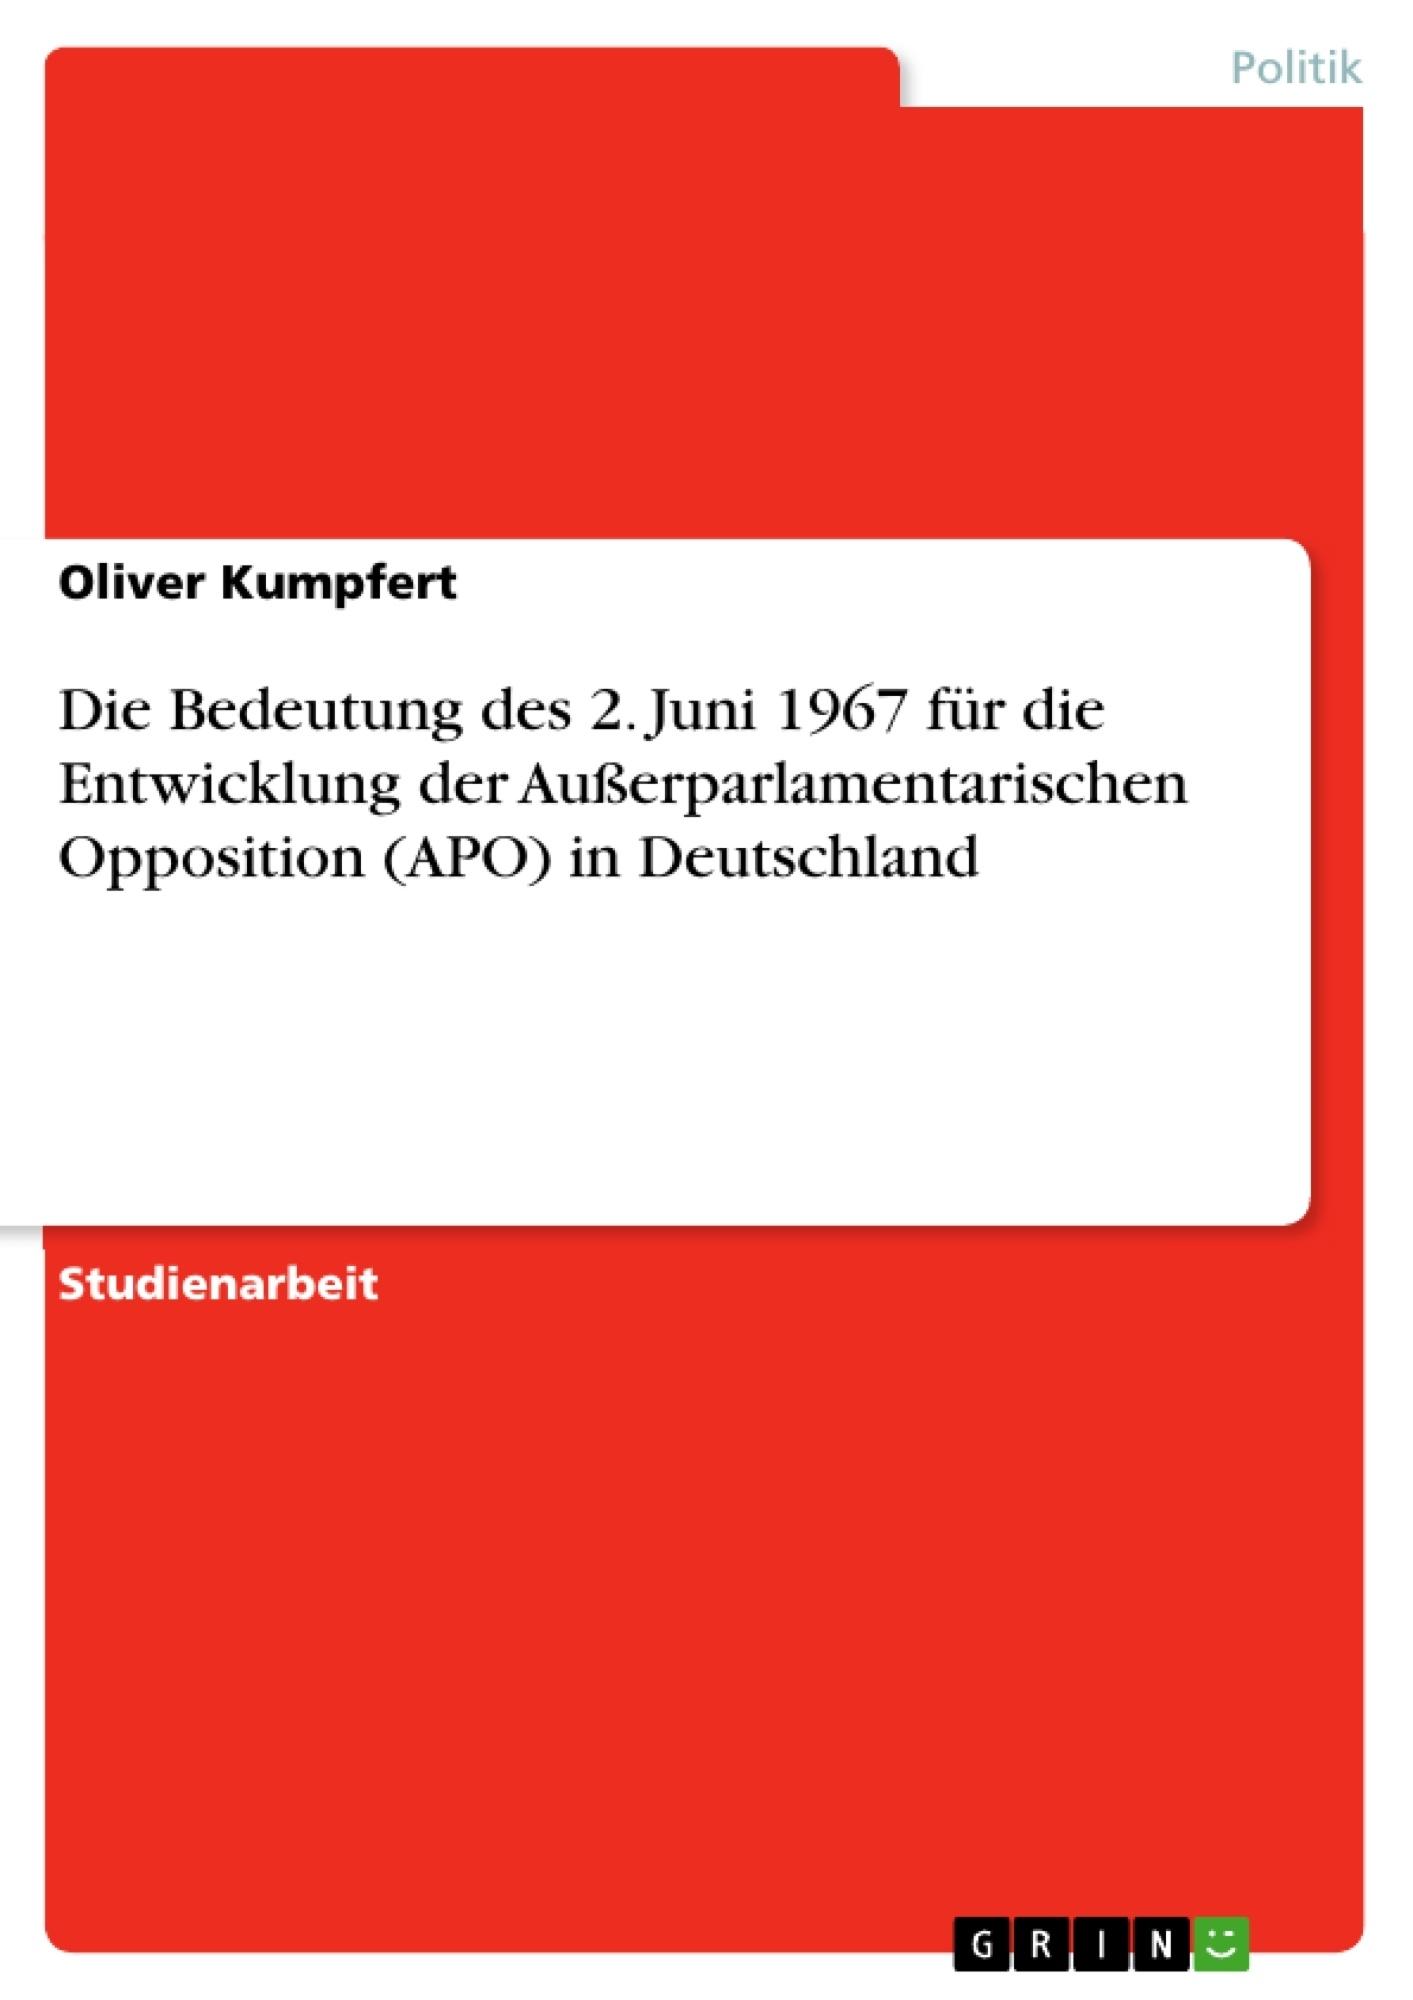 Titel: Die Bedeutung des 2. Juni 1967 für die Entwicklung der Außerparlamentarischen Opposition (APO) in Deutschland